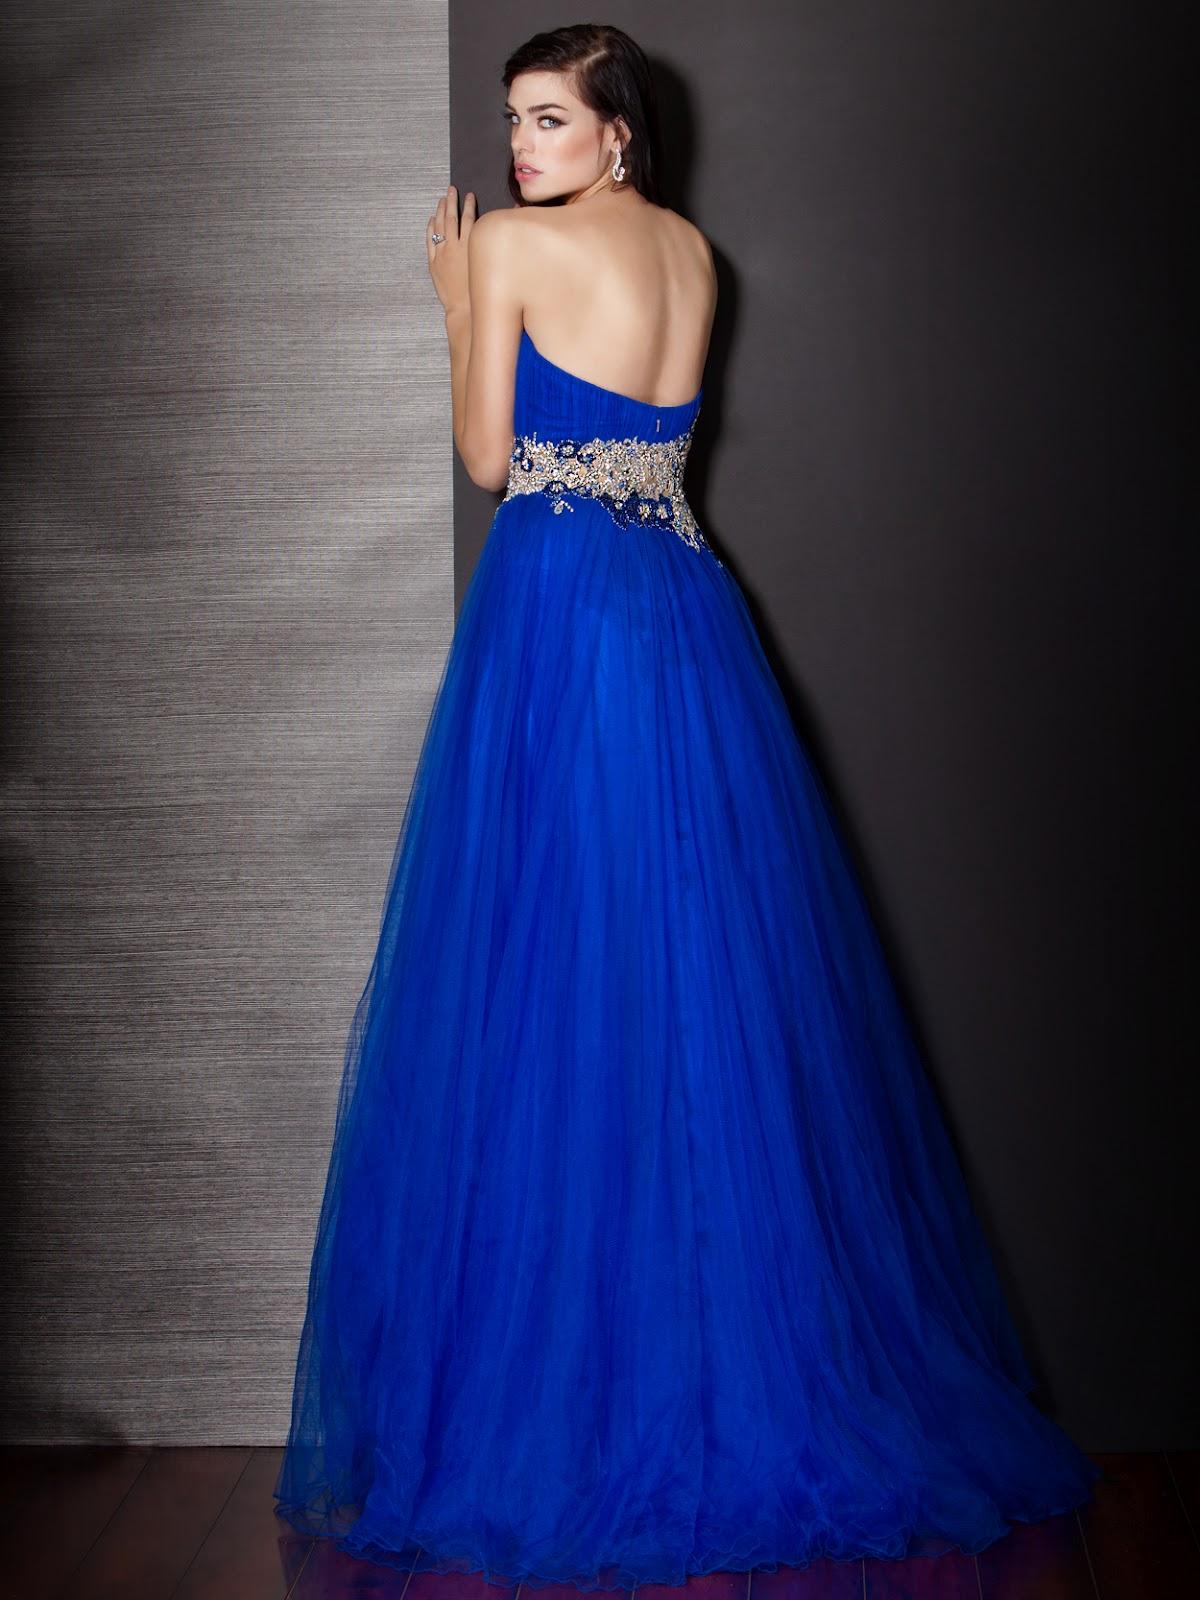 Vestidos De Baño Azul Rey:Las invitamos a visitar nuestra tienda ubicada en la avenida Bonampak